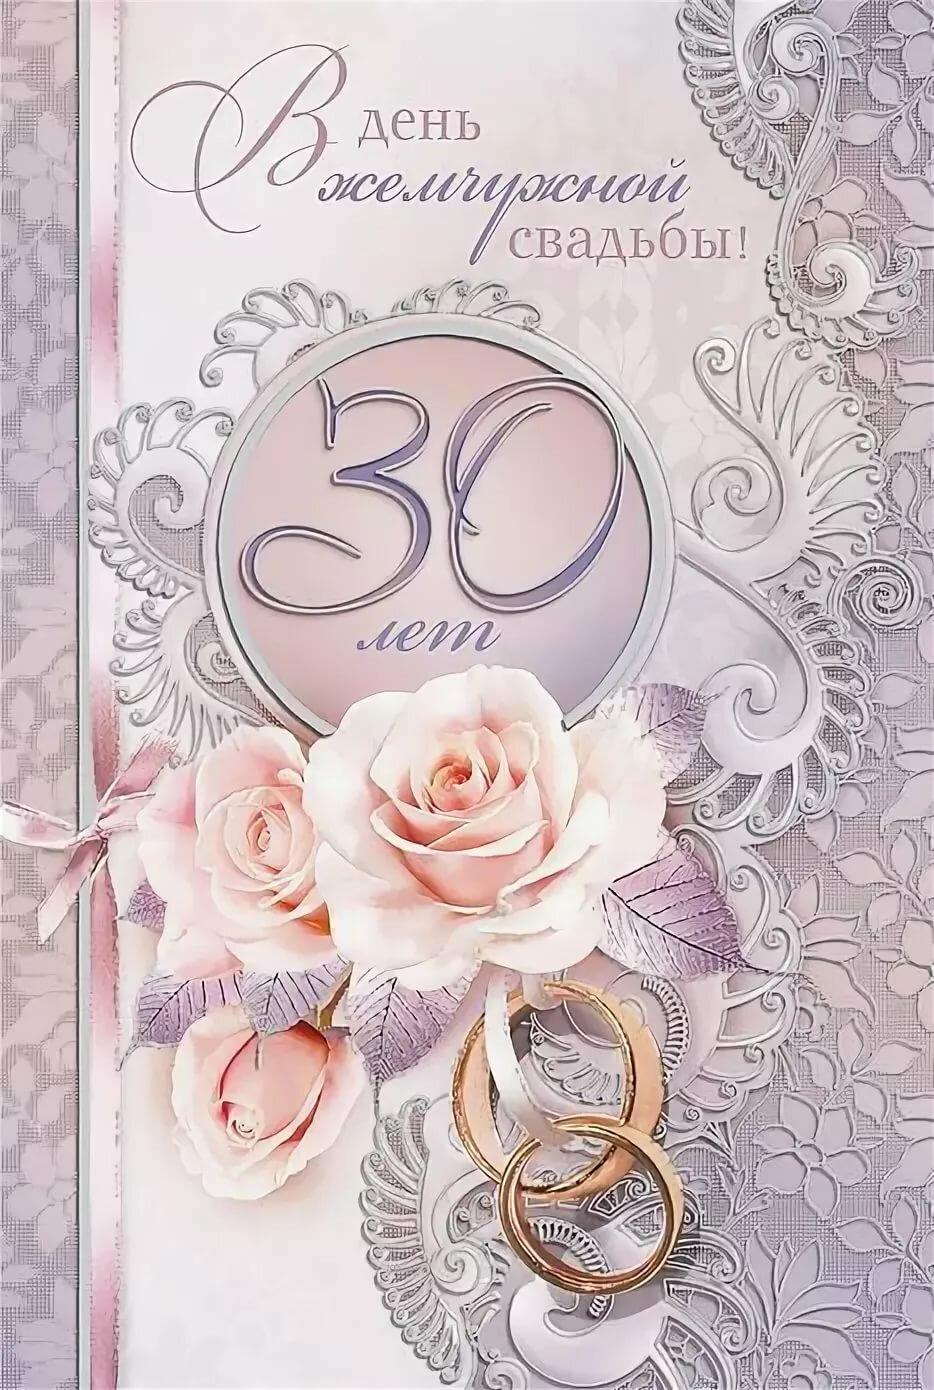 запрашивать шуточные поздравления с 30 летием свадьбы в приколах хочу